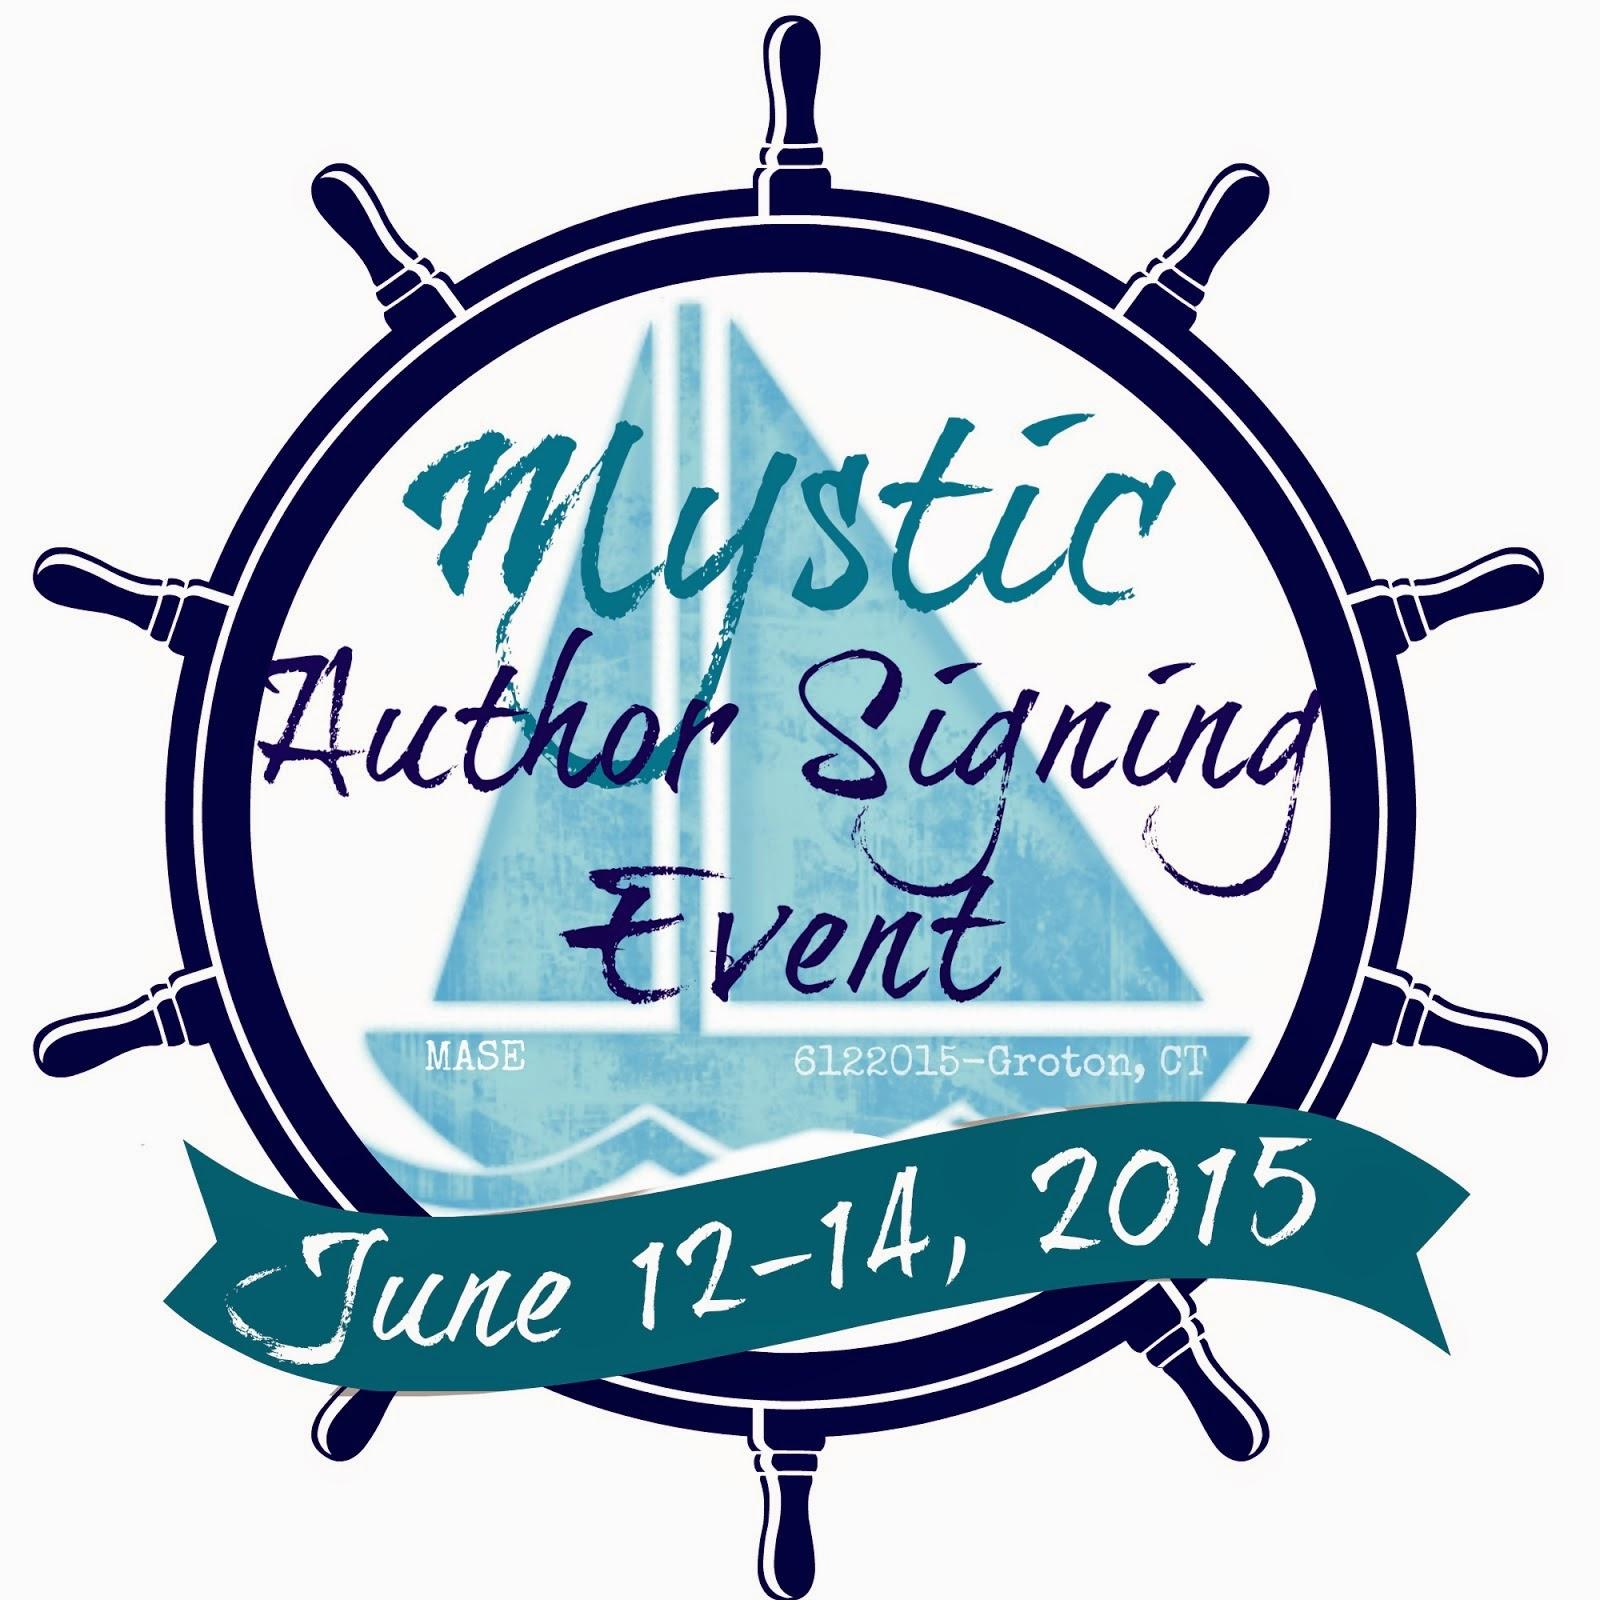 Mystic Author Signing Event